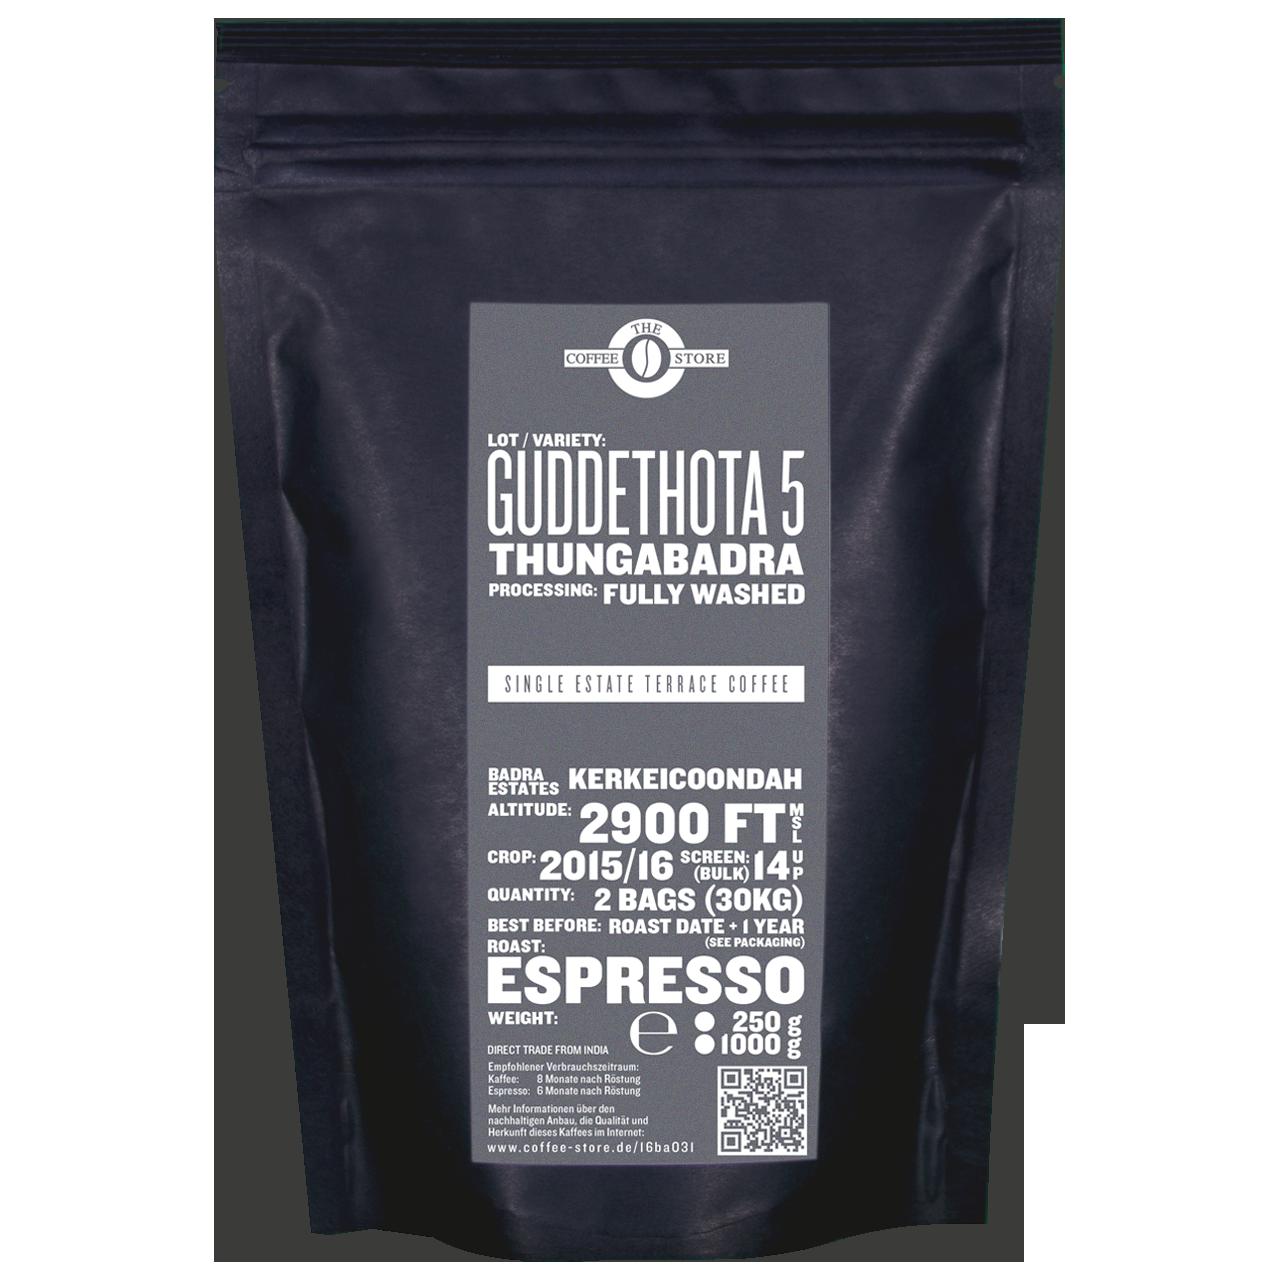 Guddethota - 5, Thungabadra - Espressoröstung